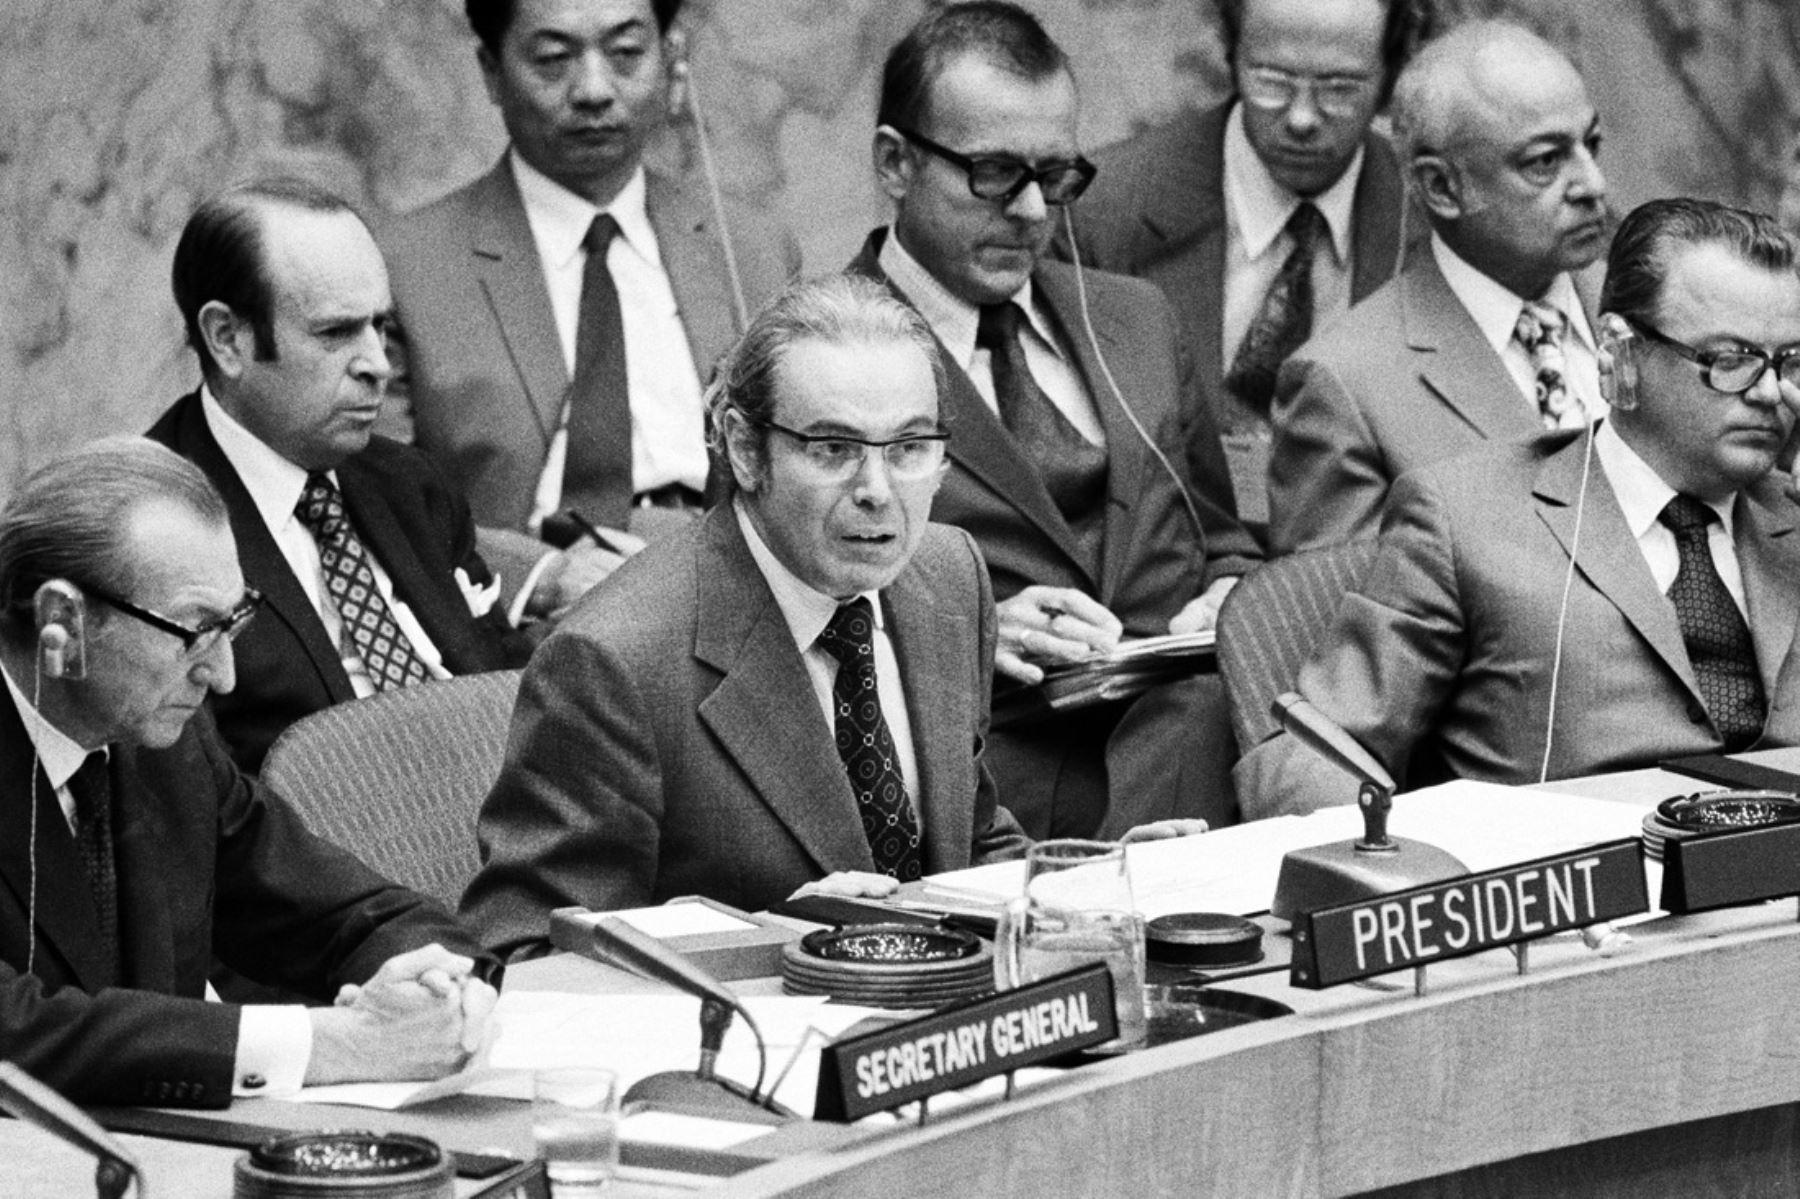 Naciones Unidas, Nueva York - 20 julio 1974 / El representante permanente del Perú ante las Naciones Unidas, embajador Javier Pérez  de Cuéllar, Presidente del Consejo del Consejo de Seguridad, que examinó por primera vez la situación de Chipre tras el golpe de estado organizado por las fuerzas rebeldes . Foto: Naciones Unidas